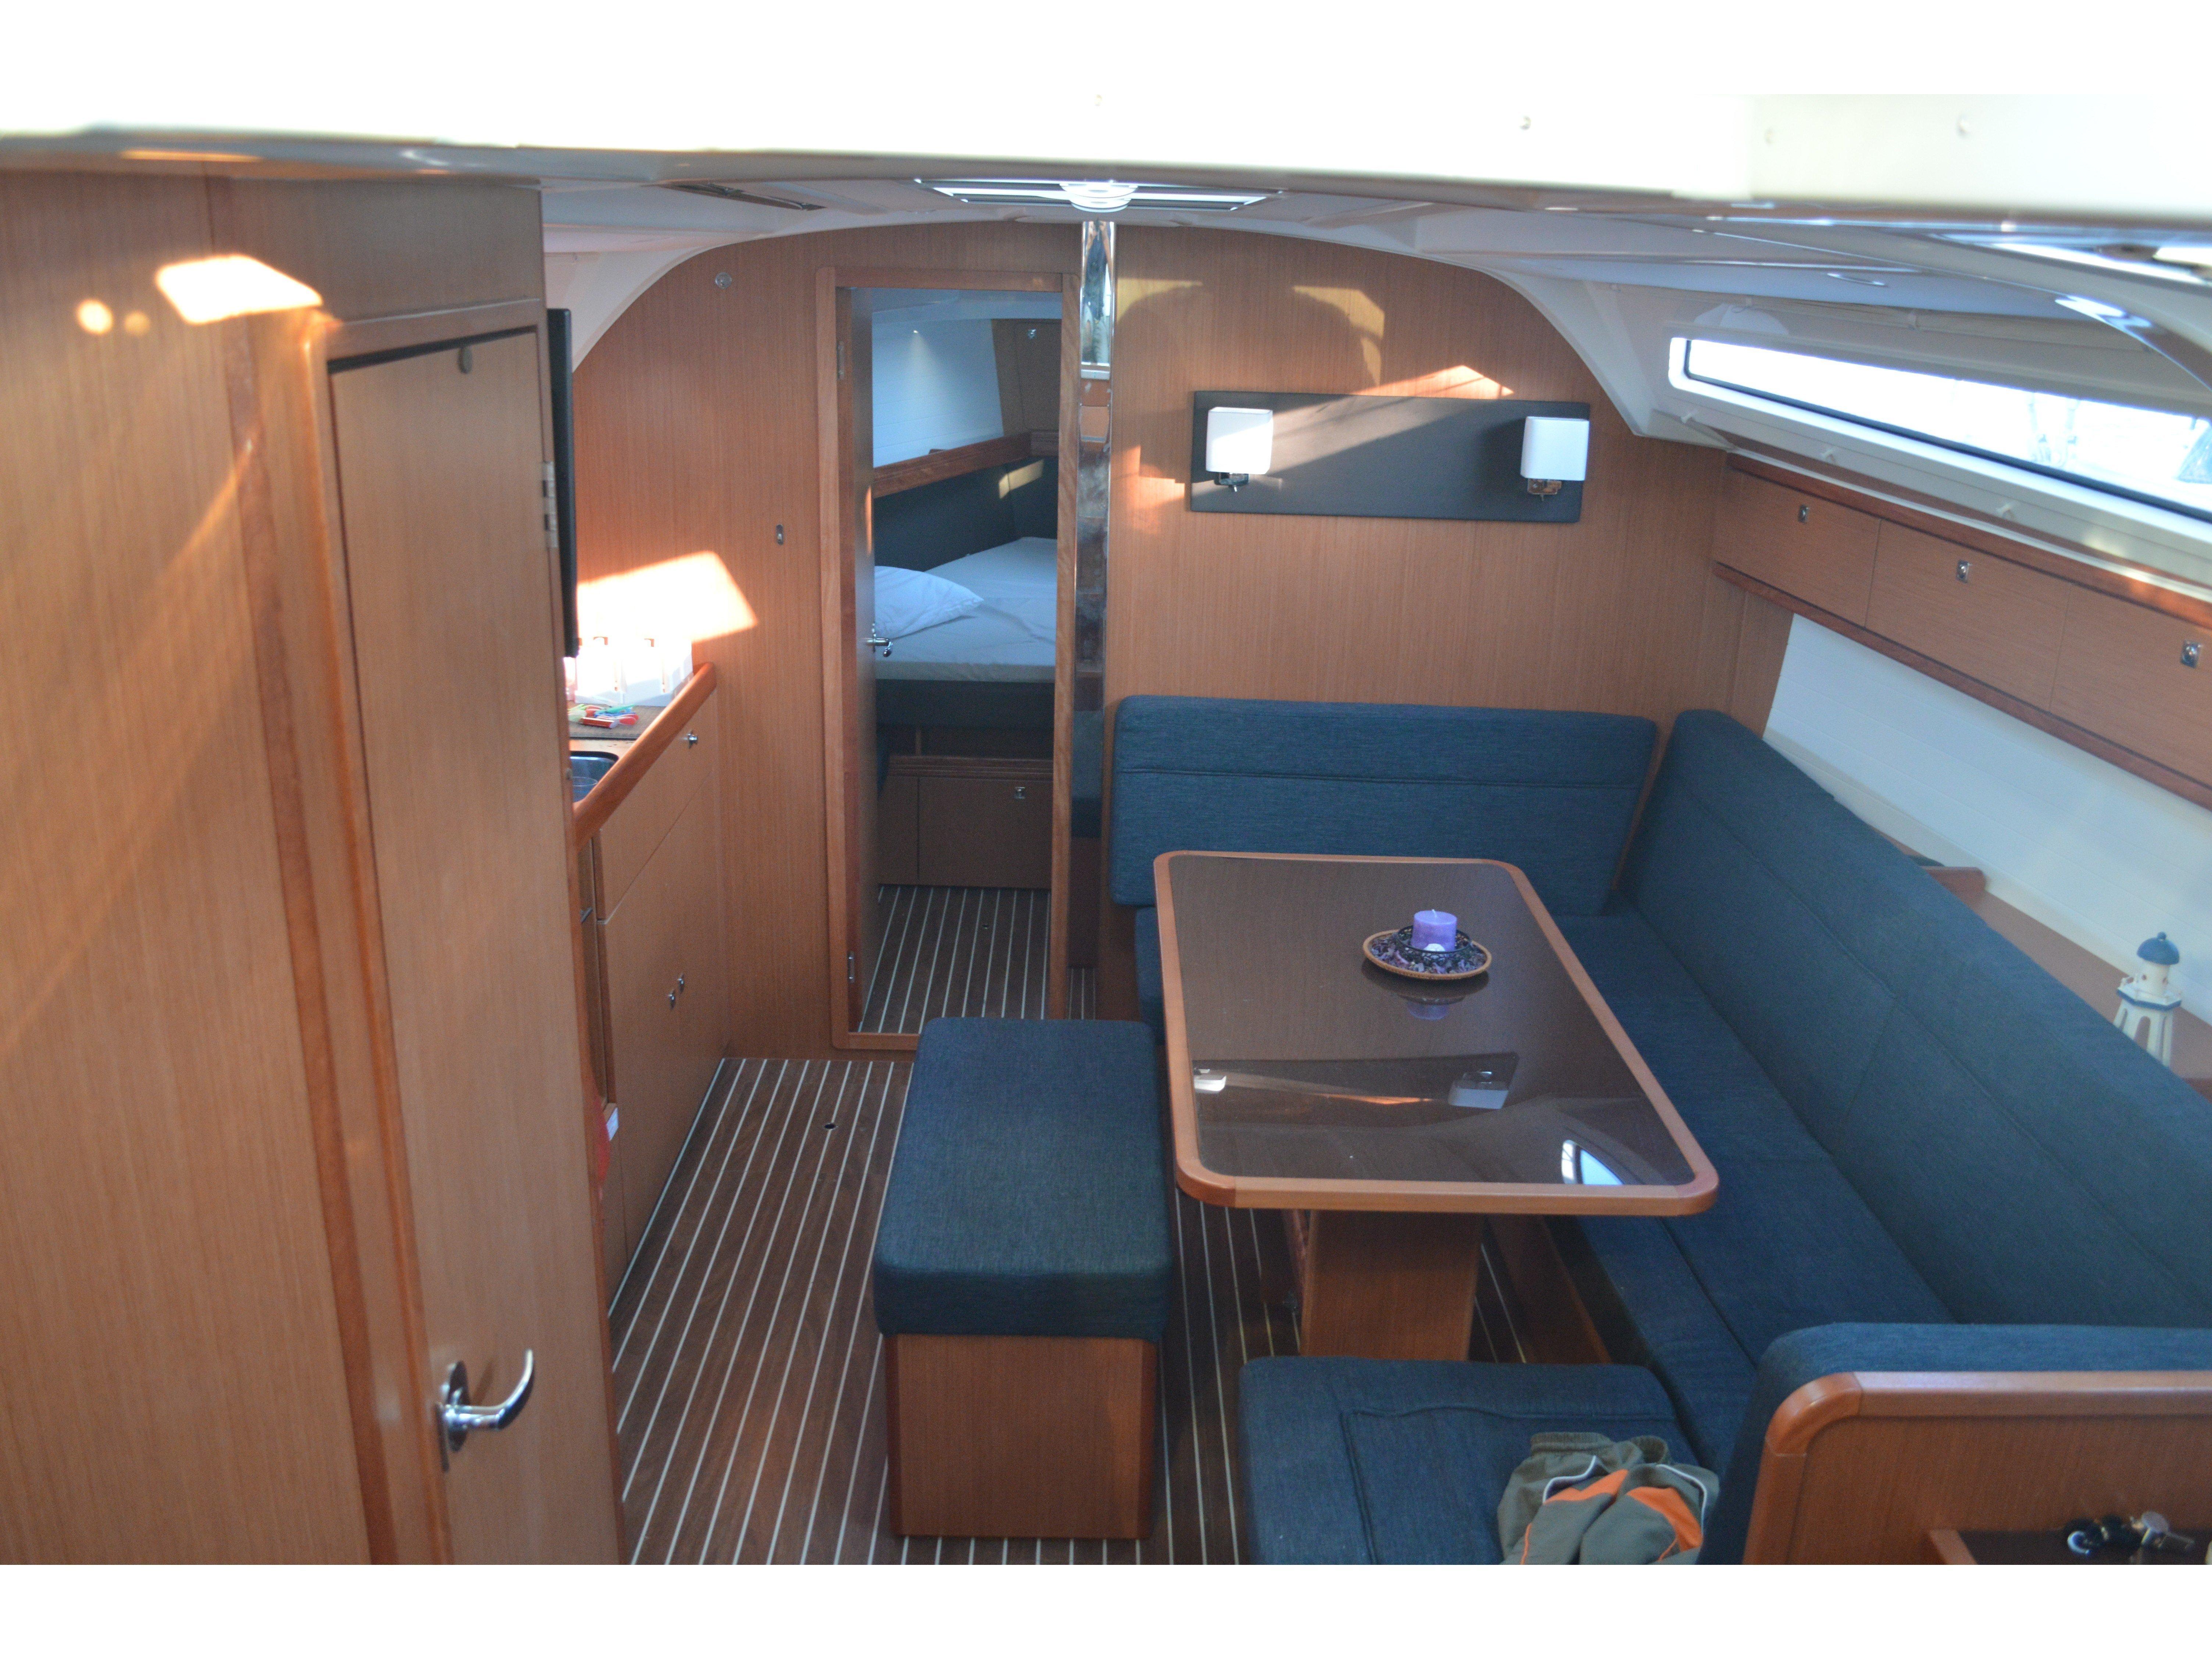 Bavaria Cruiser 41 (Erato) Interior image - 2